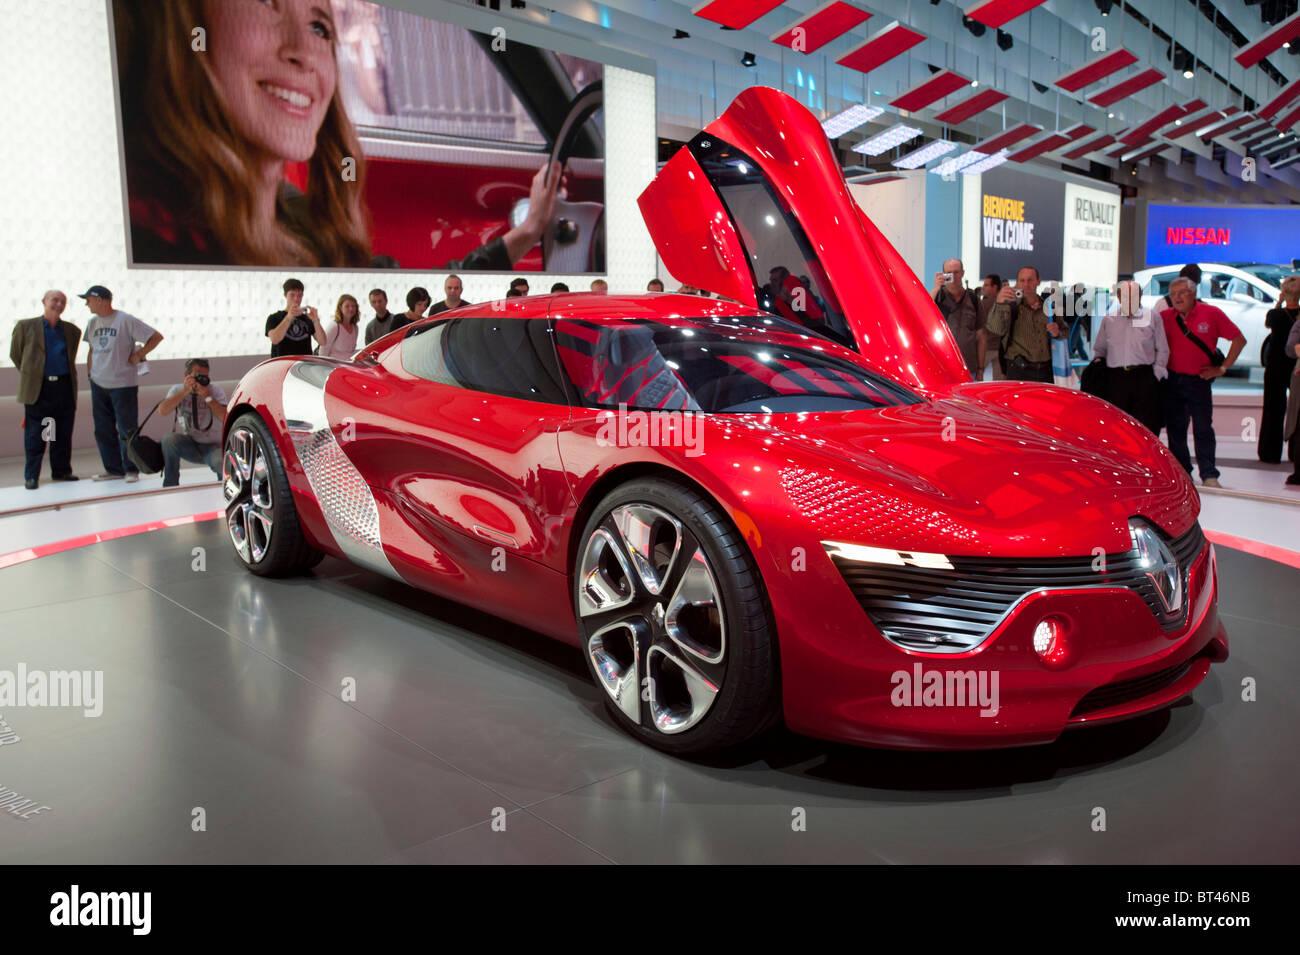 Neue elektrische Konzept Renault Dezir Sportwagen auf dem Display auf der Paris Motor Show 2010 Stockbild